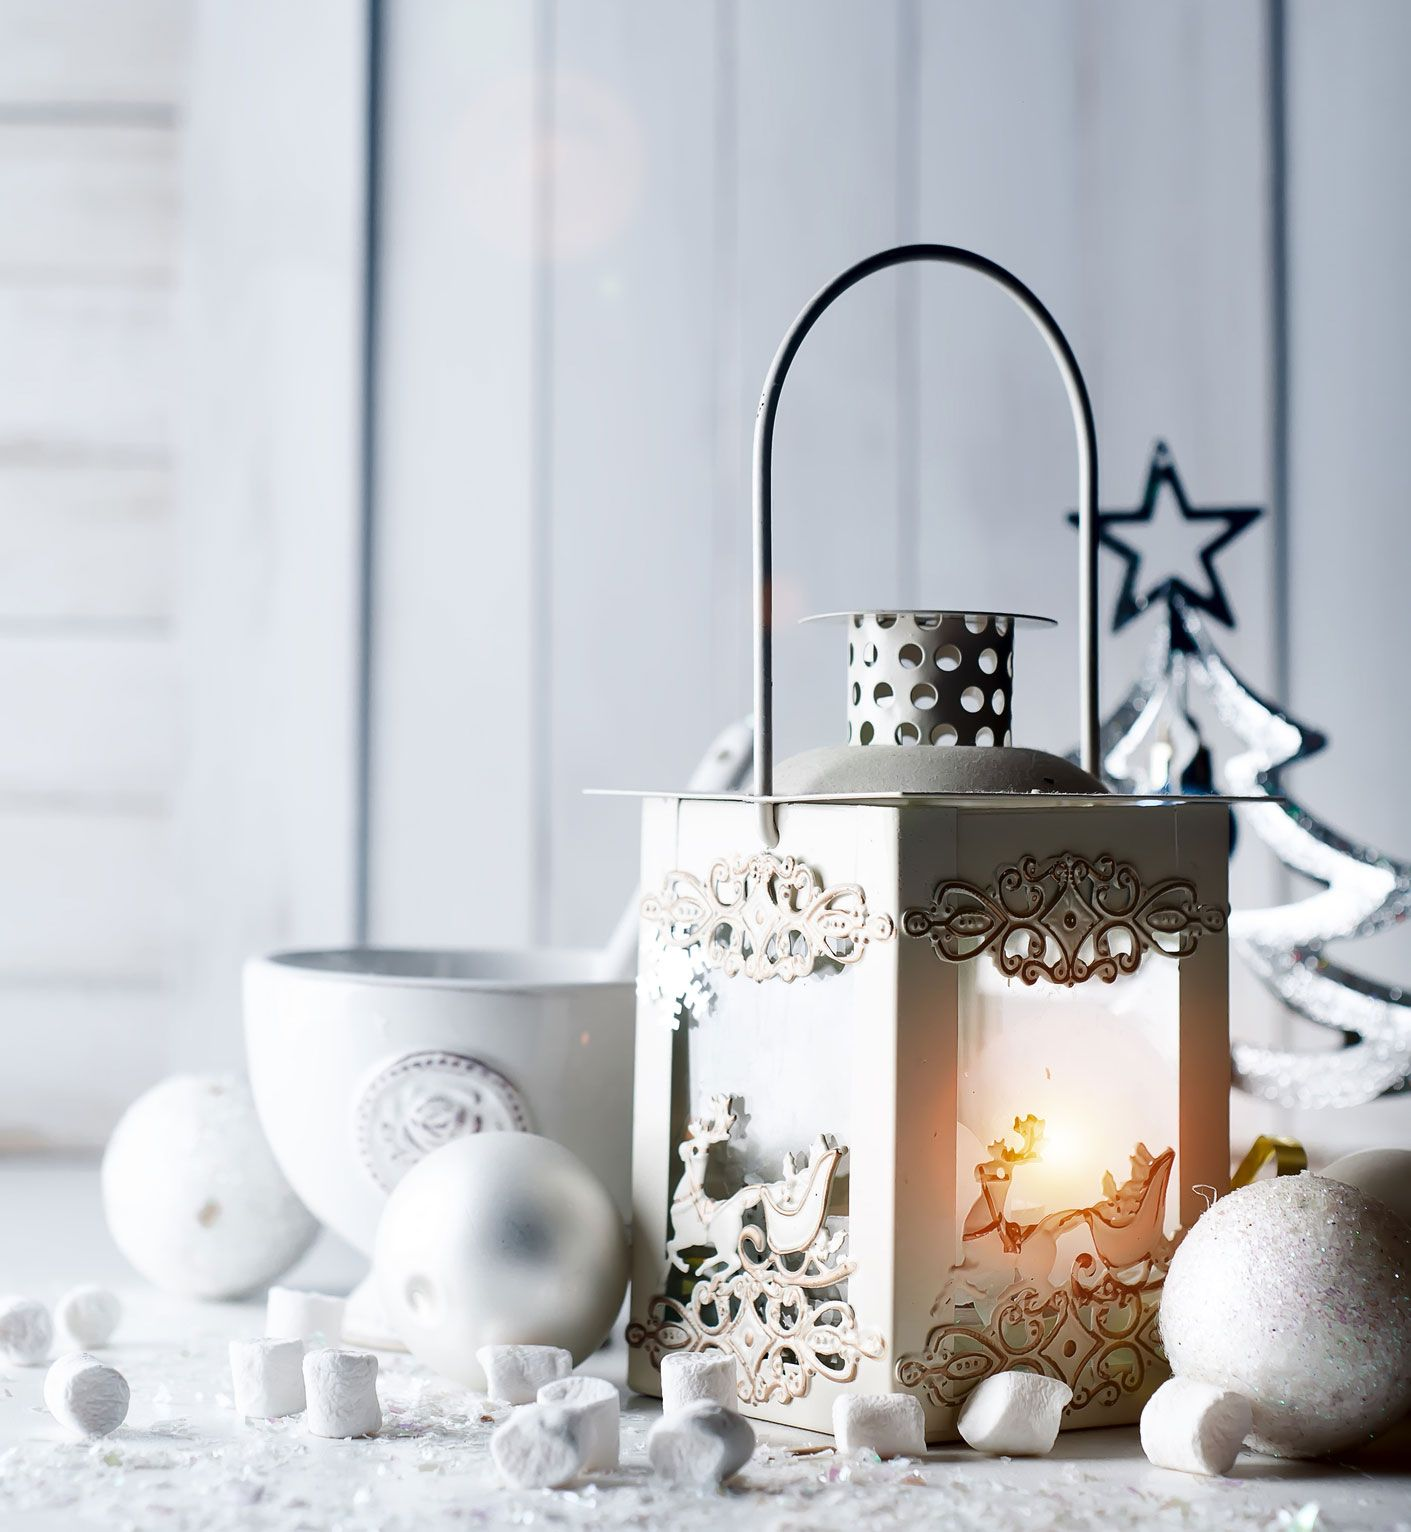 Iluminaci n navide a con farolillos de velas hogarmania for Farolillos para velas